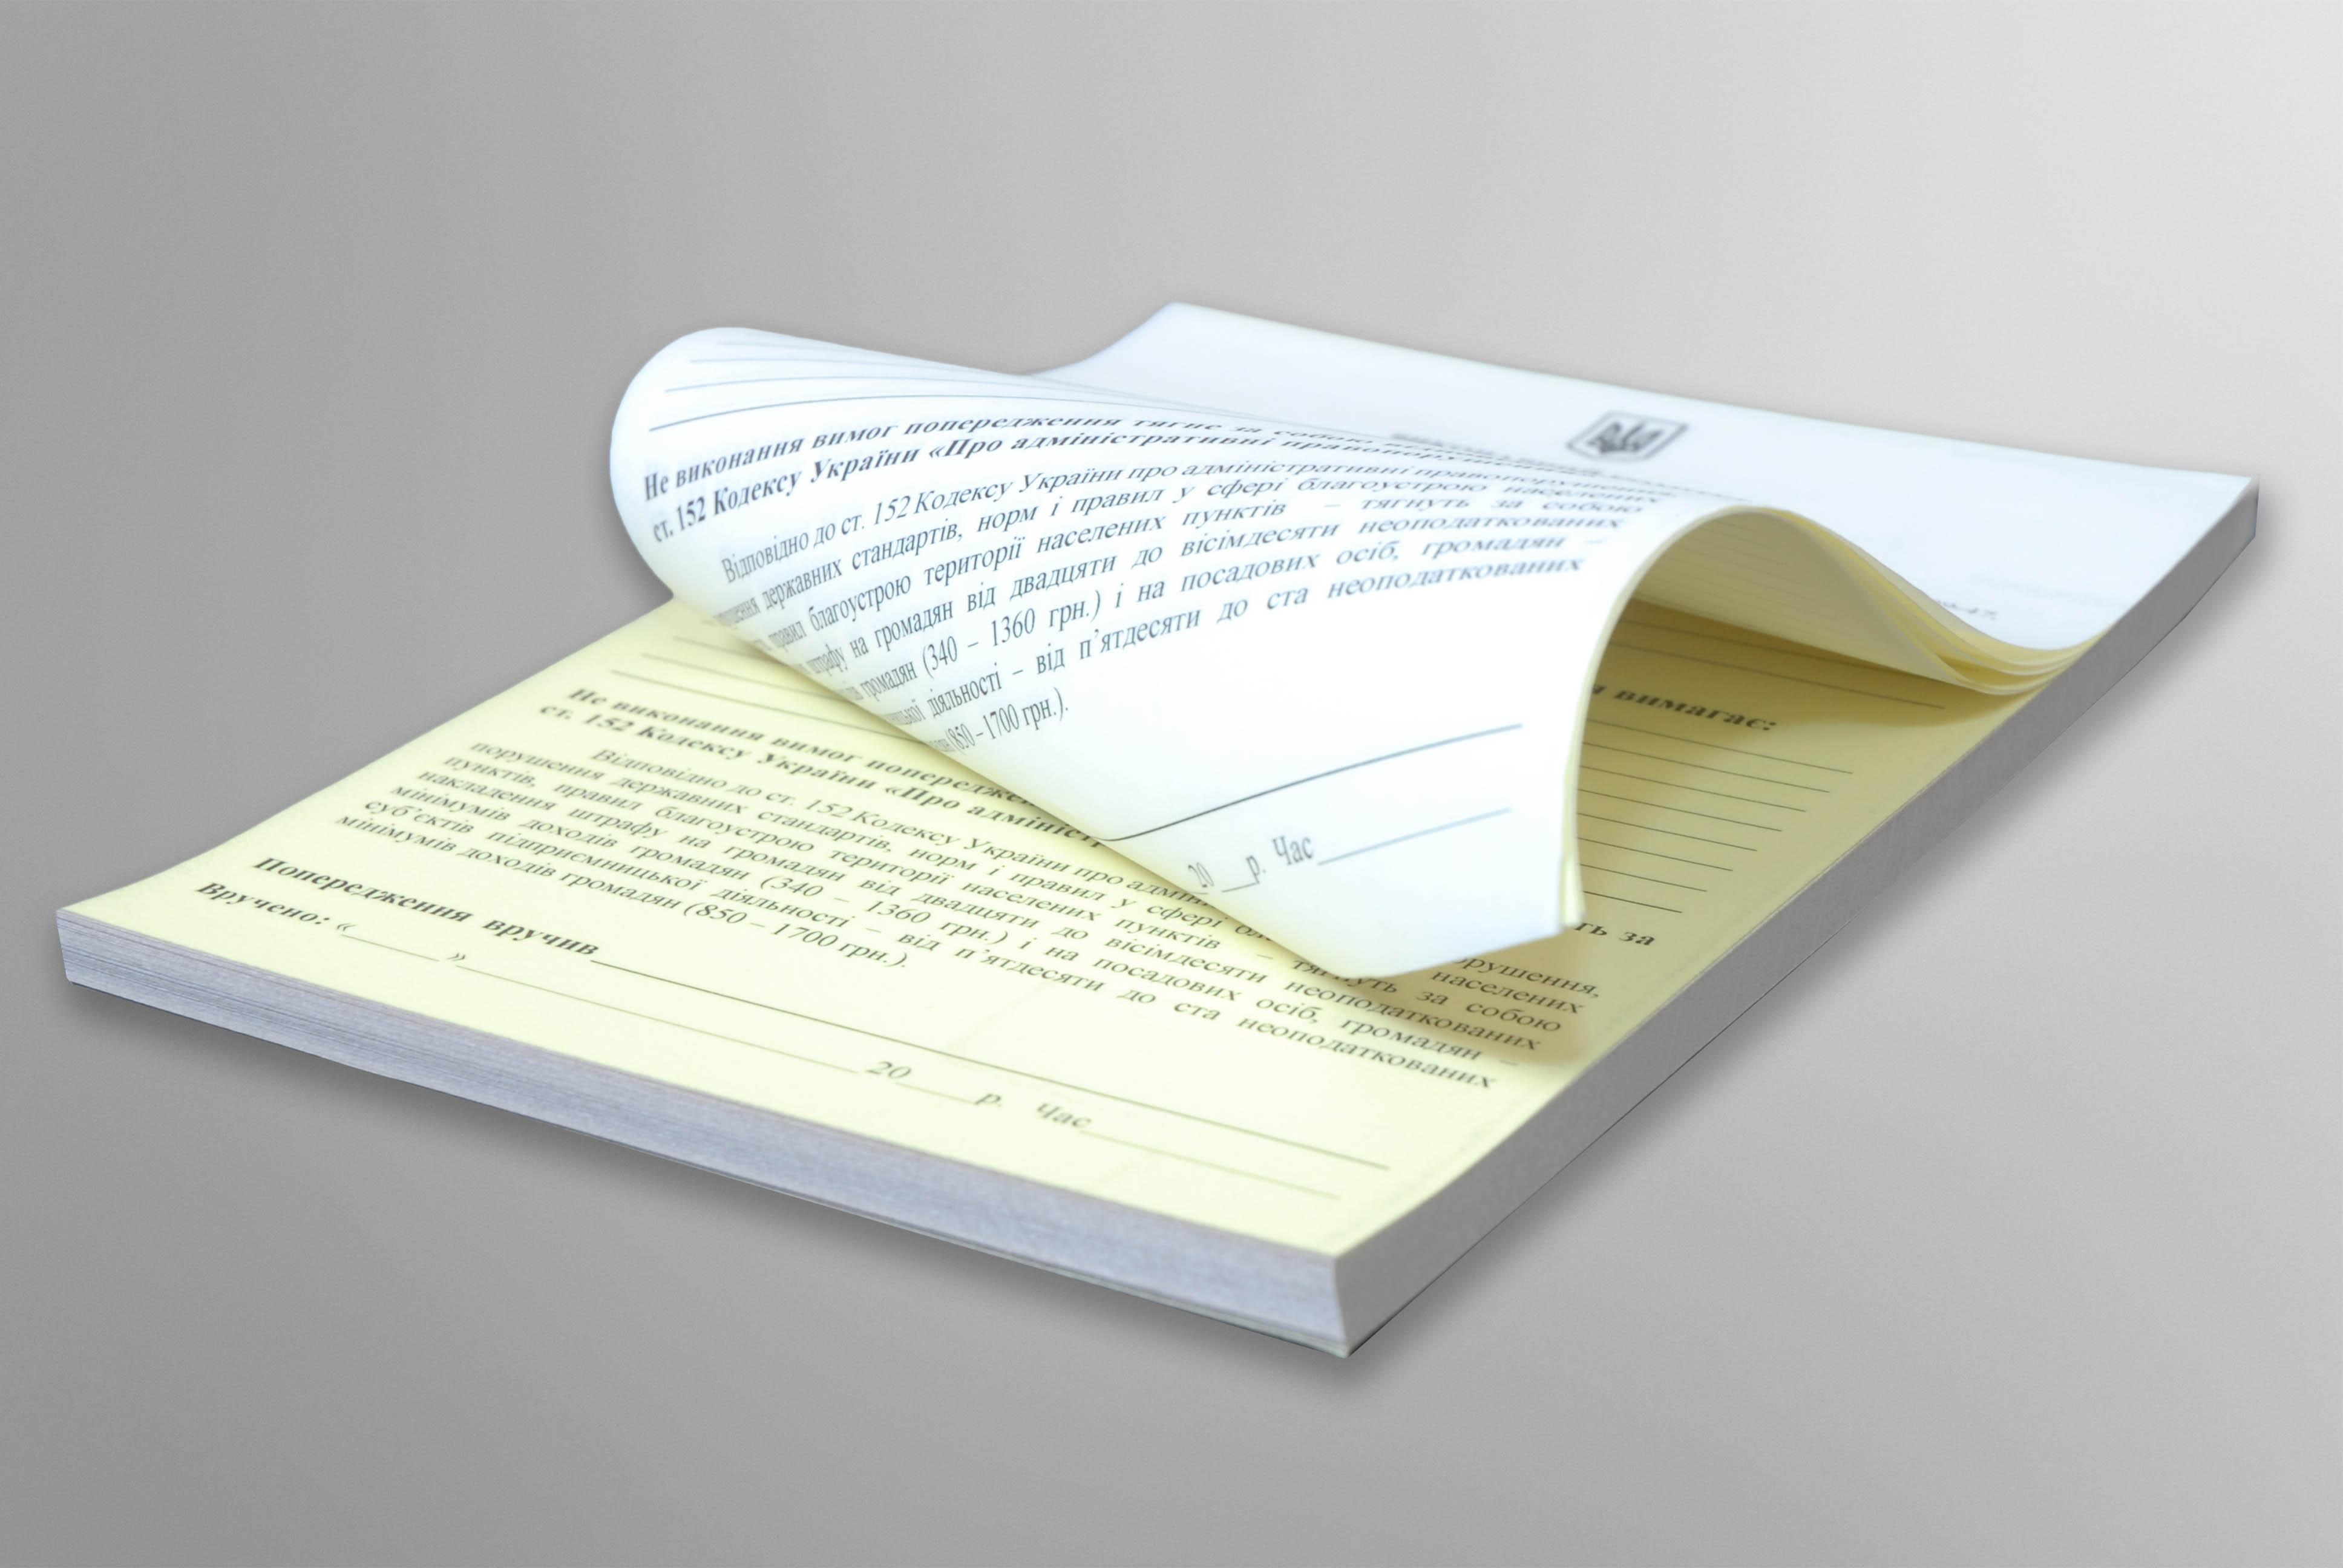 печать бланков на самокопирующей бумаге в кременчуге